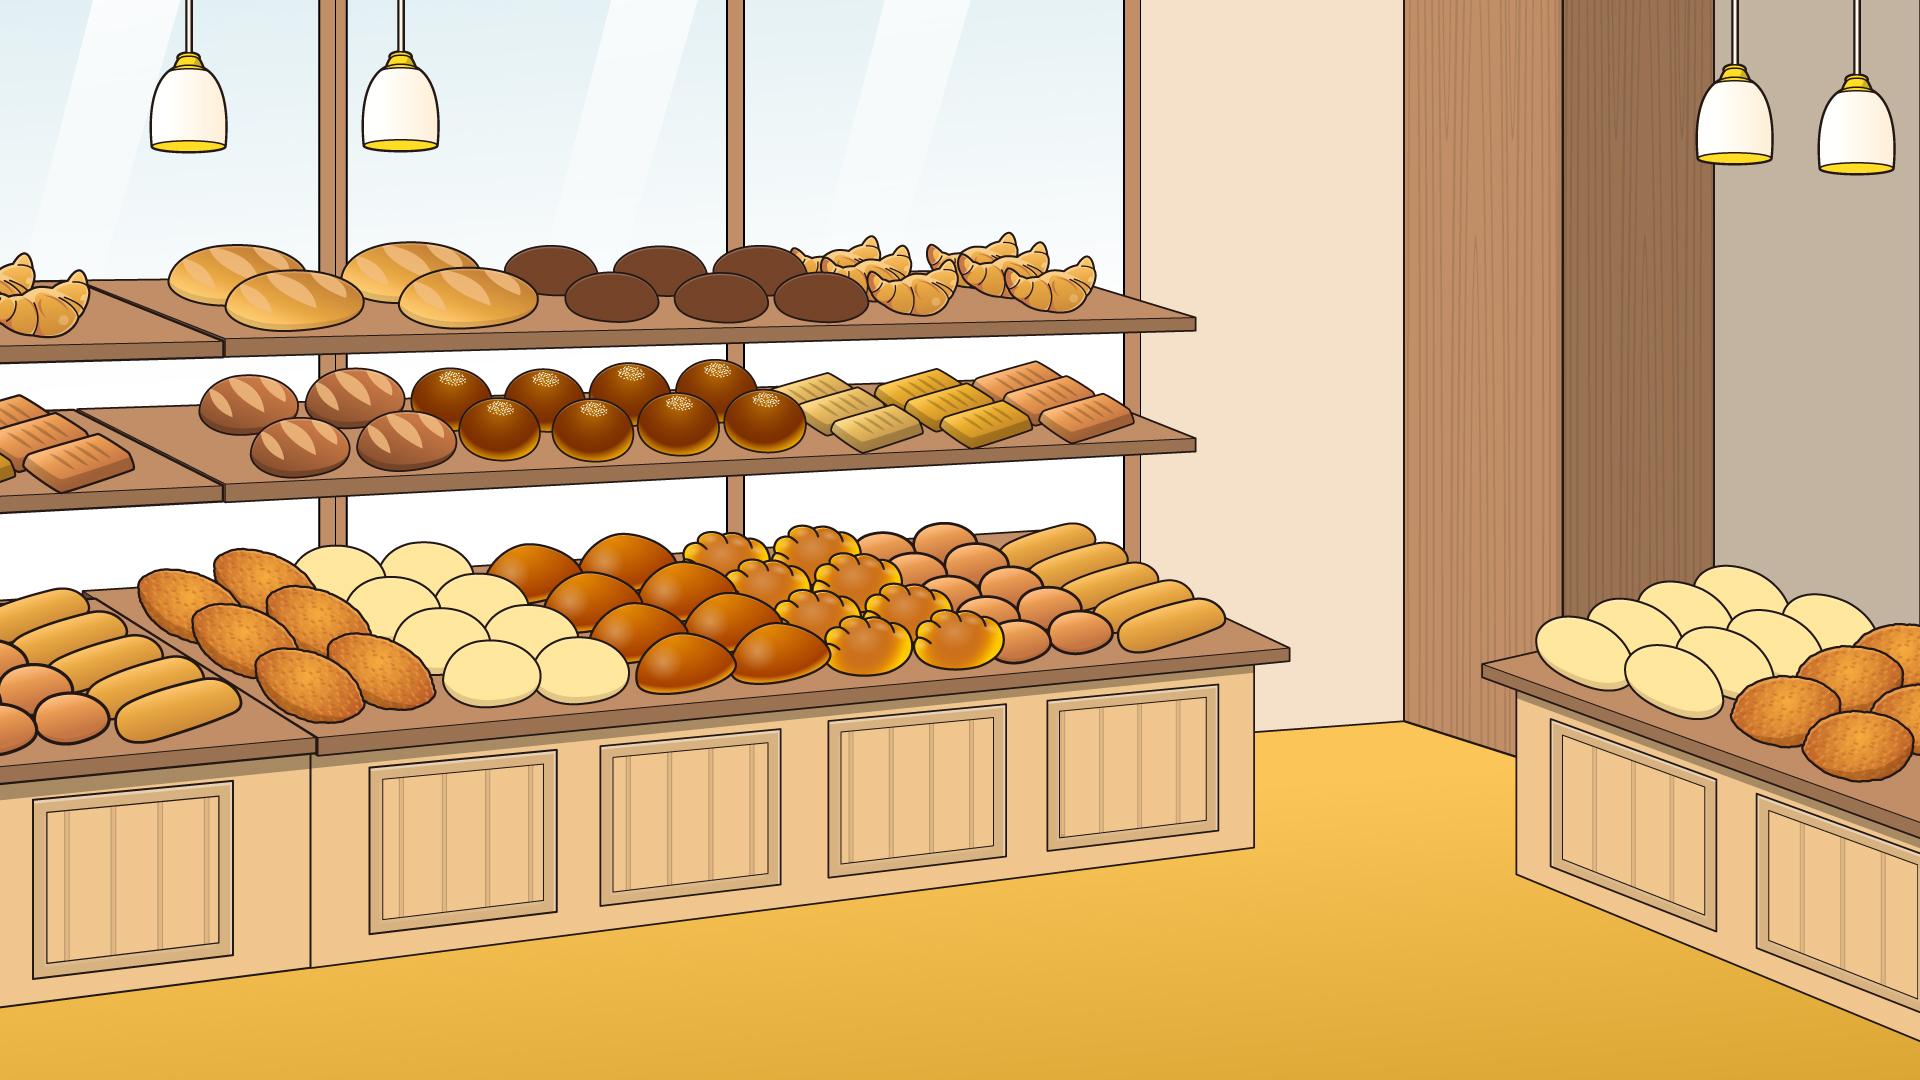 たくさんのパンが並んだパン屋さん